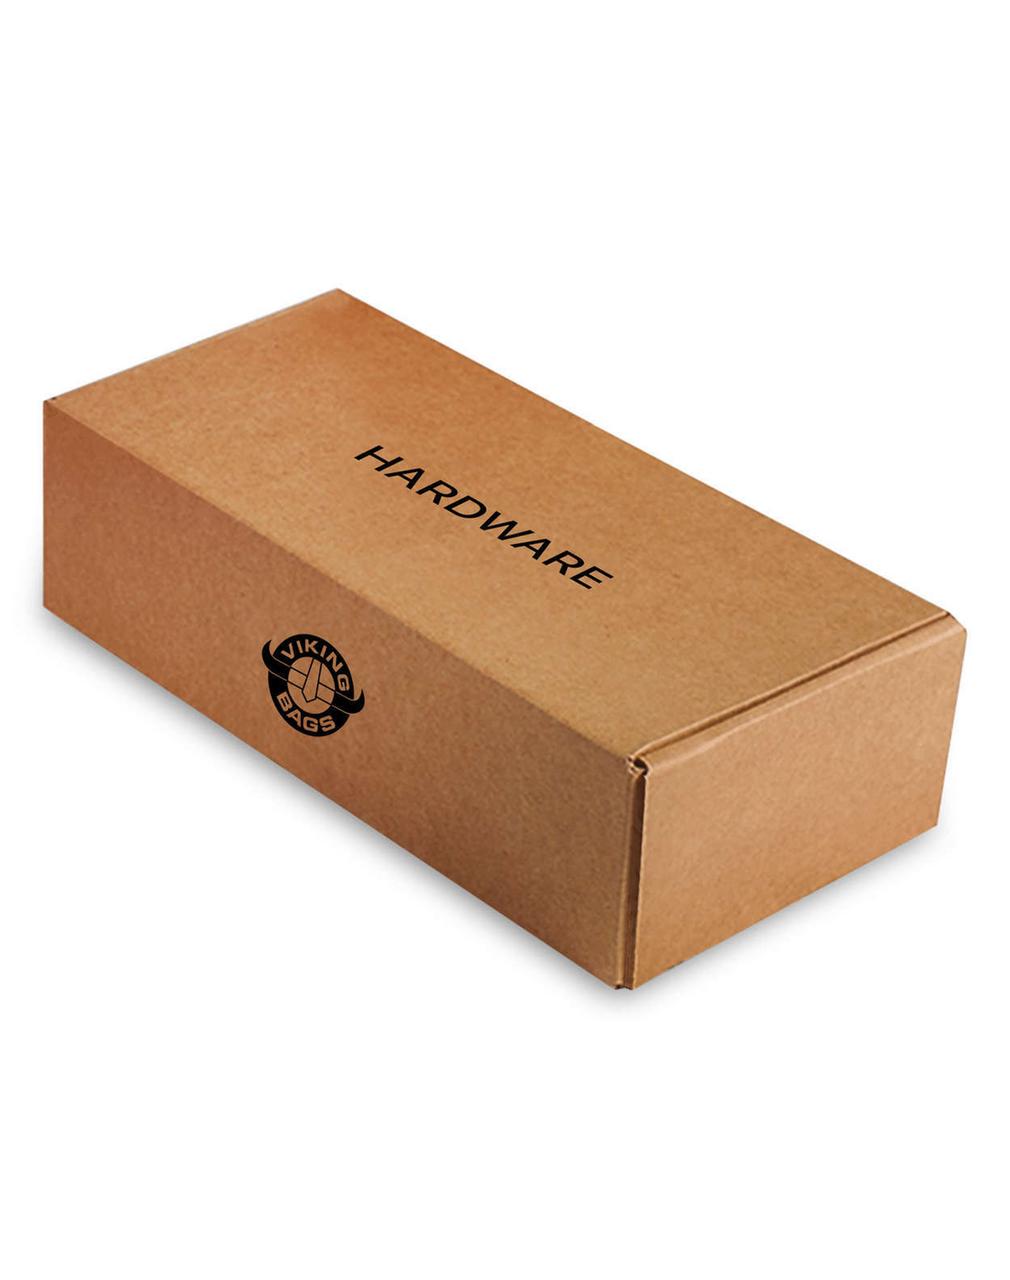 Indian Scout Warrior Series Medium Motorcycle Saddlebags Hardware Box